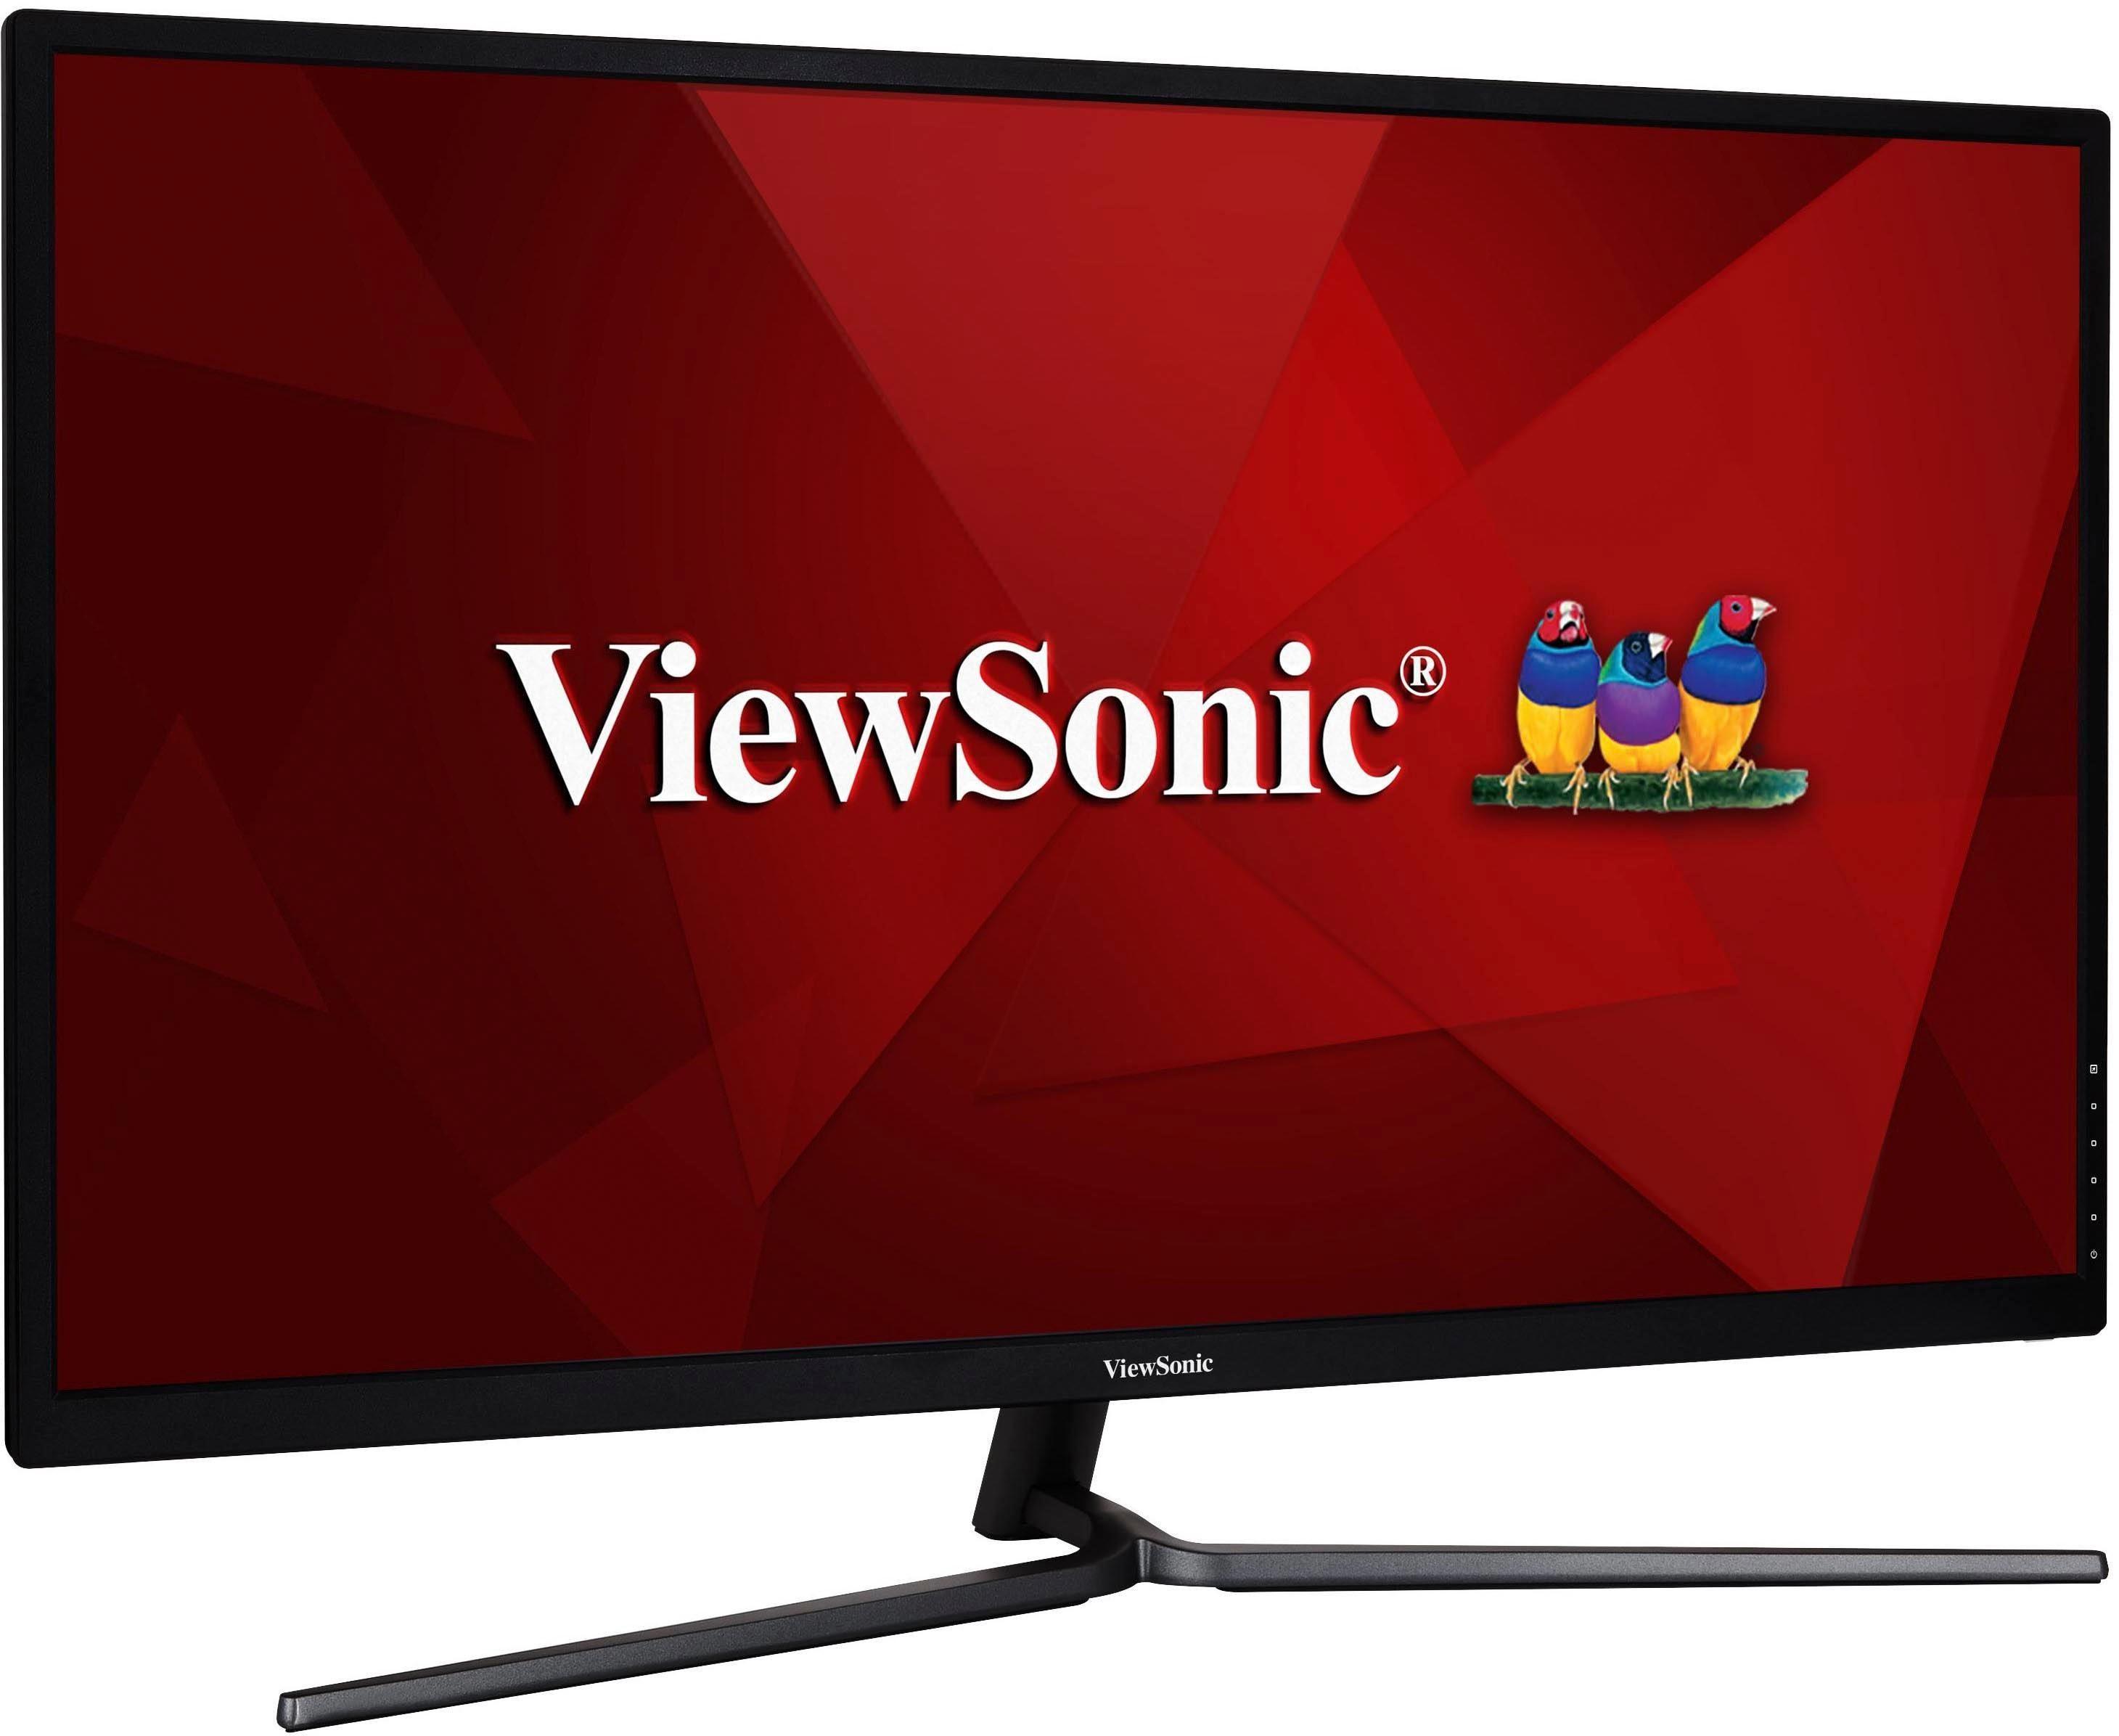 Viewsonic VX3211-2K-MHD LCD-Monitor (2560 x 1440 Pixel, WQHD, 3 ms Reaktionszeit)